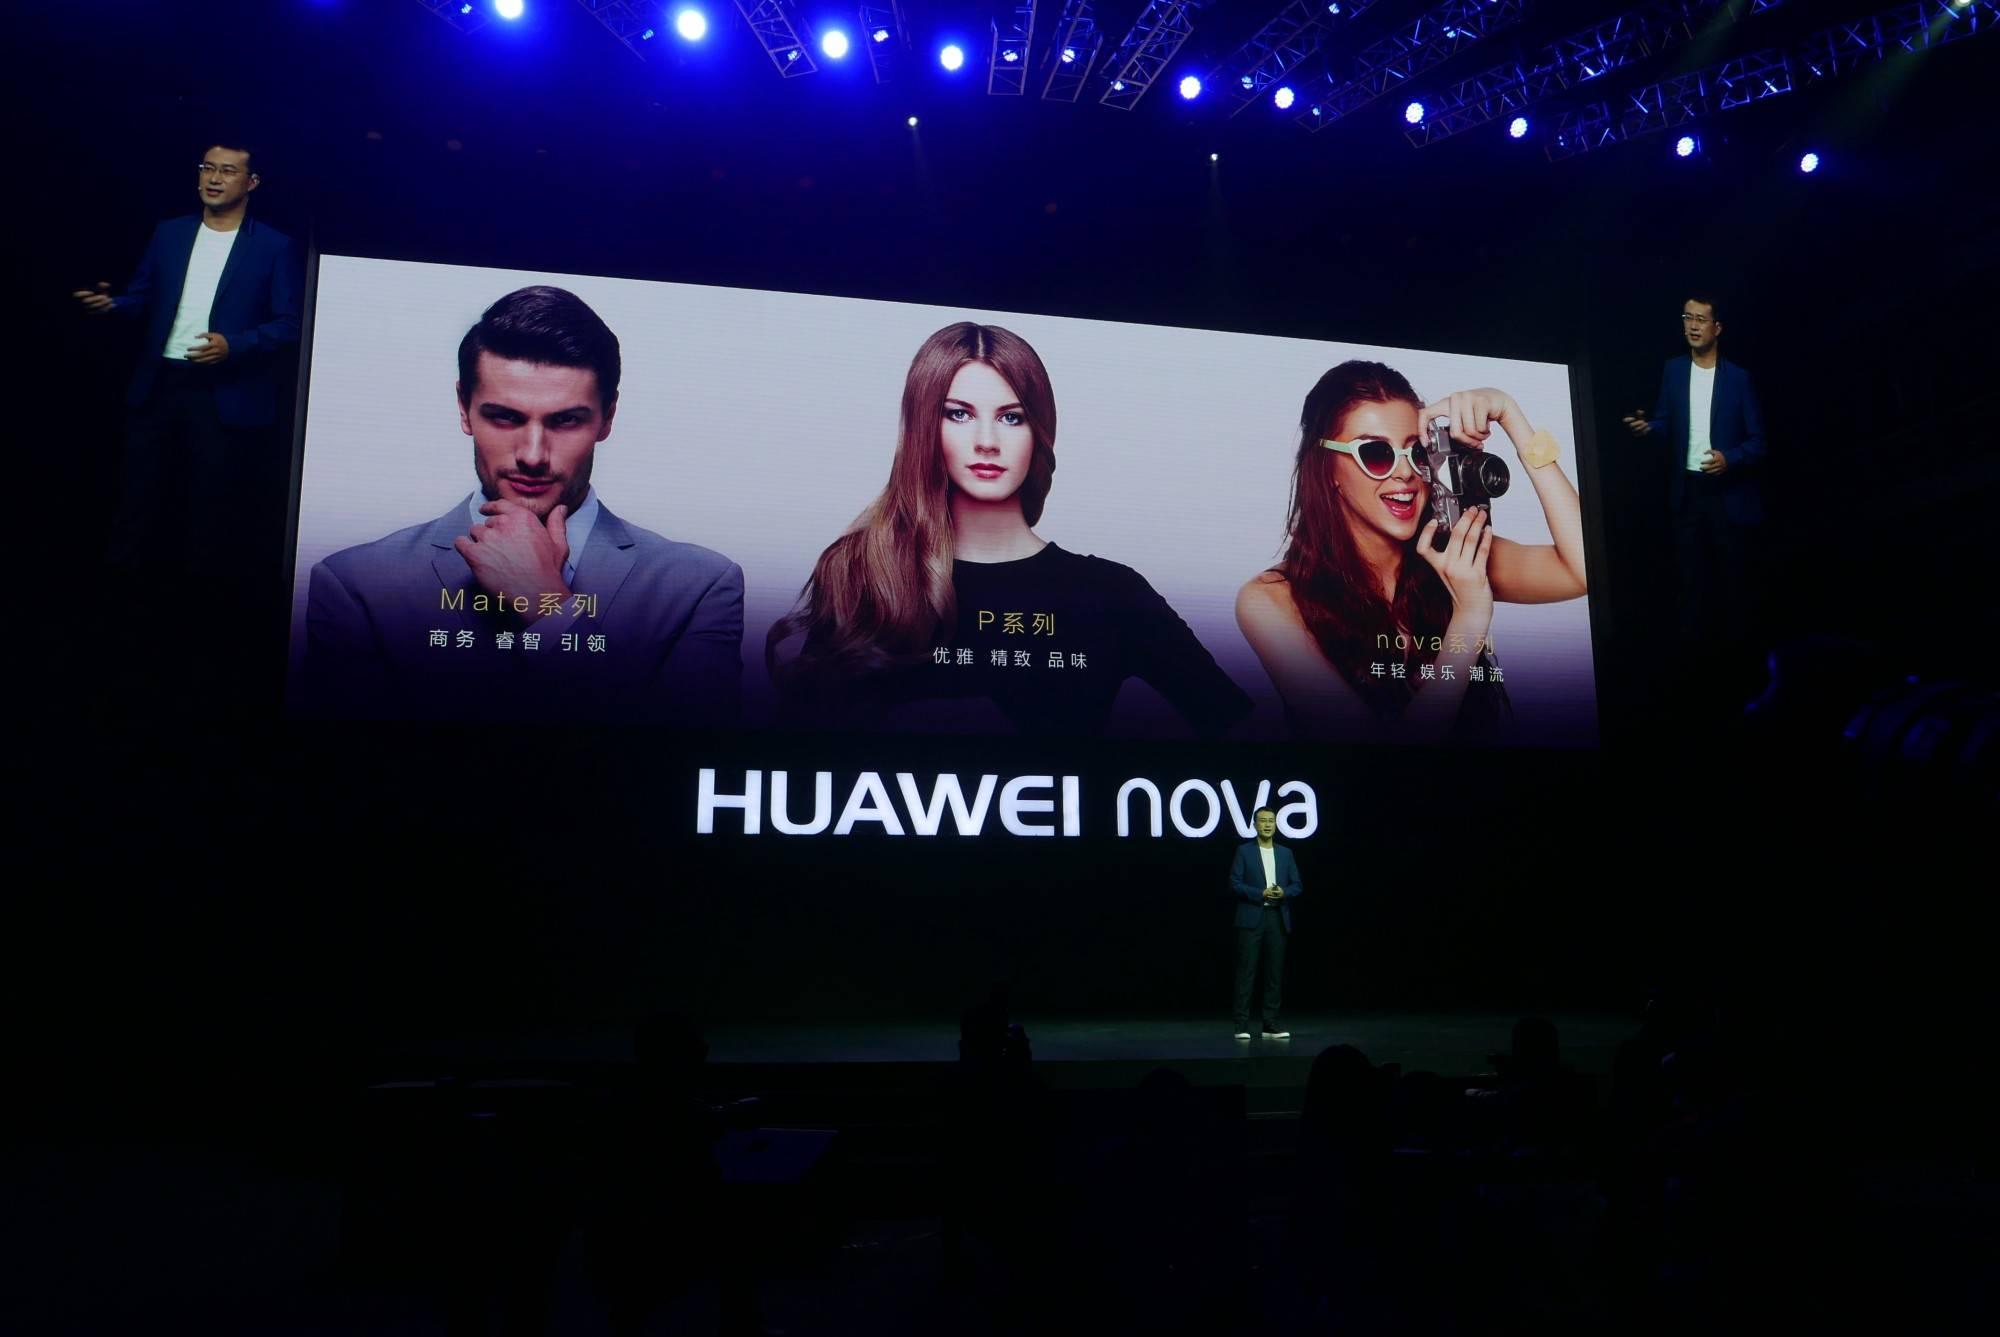 华为智能手机主要的产品线,Mate、P 和刚发布的 nova。